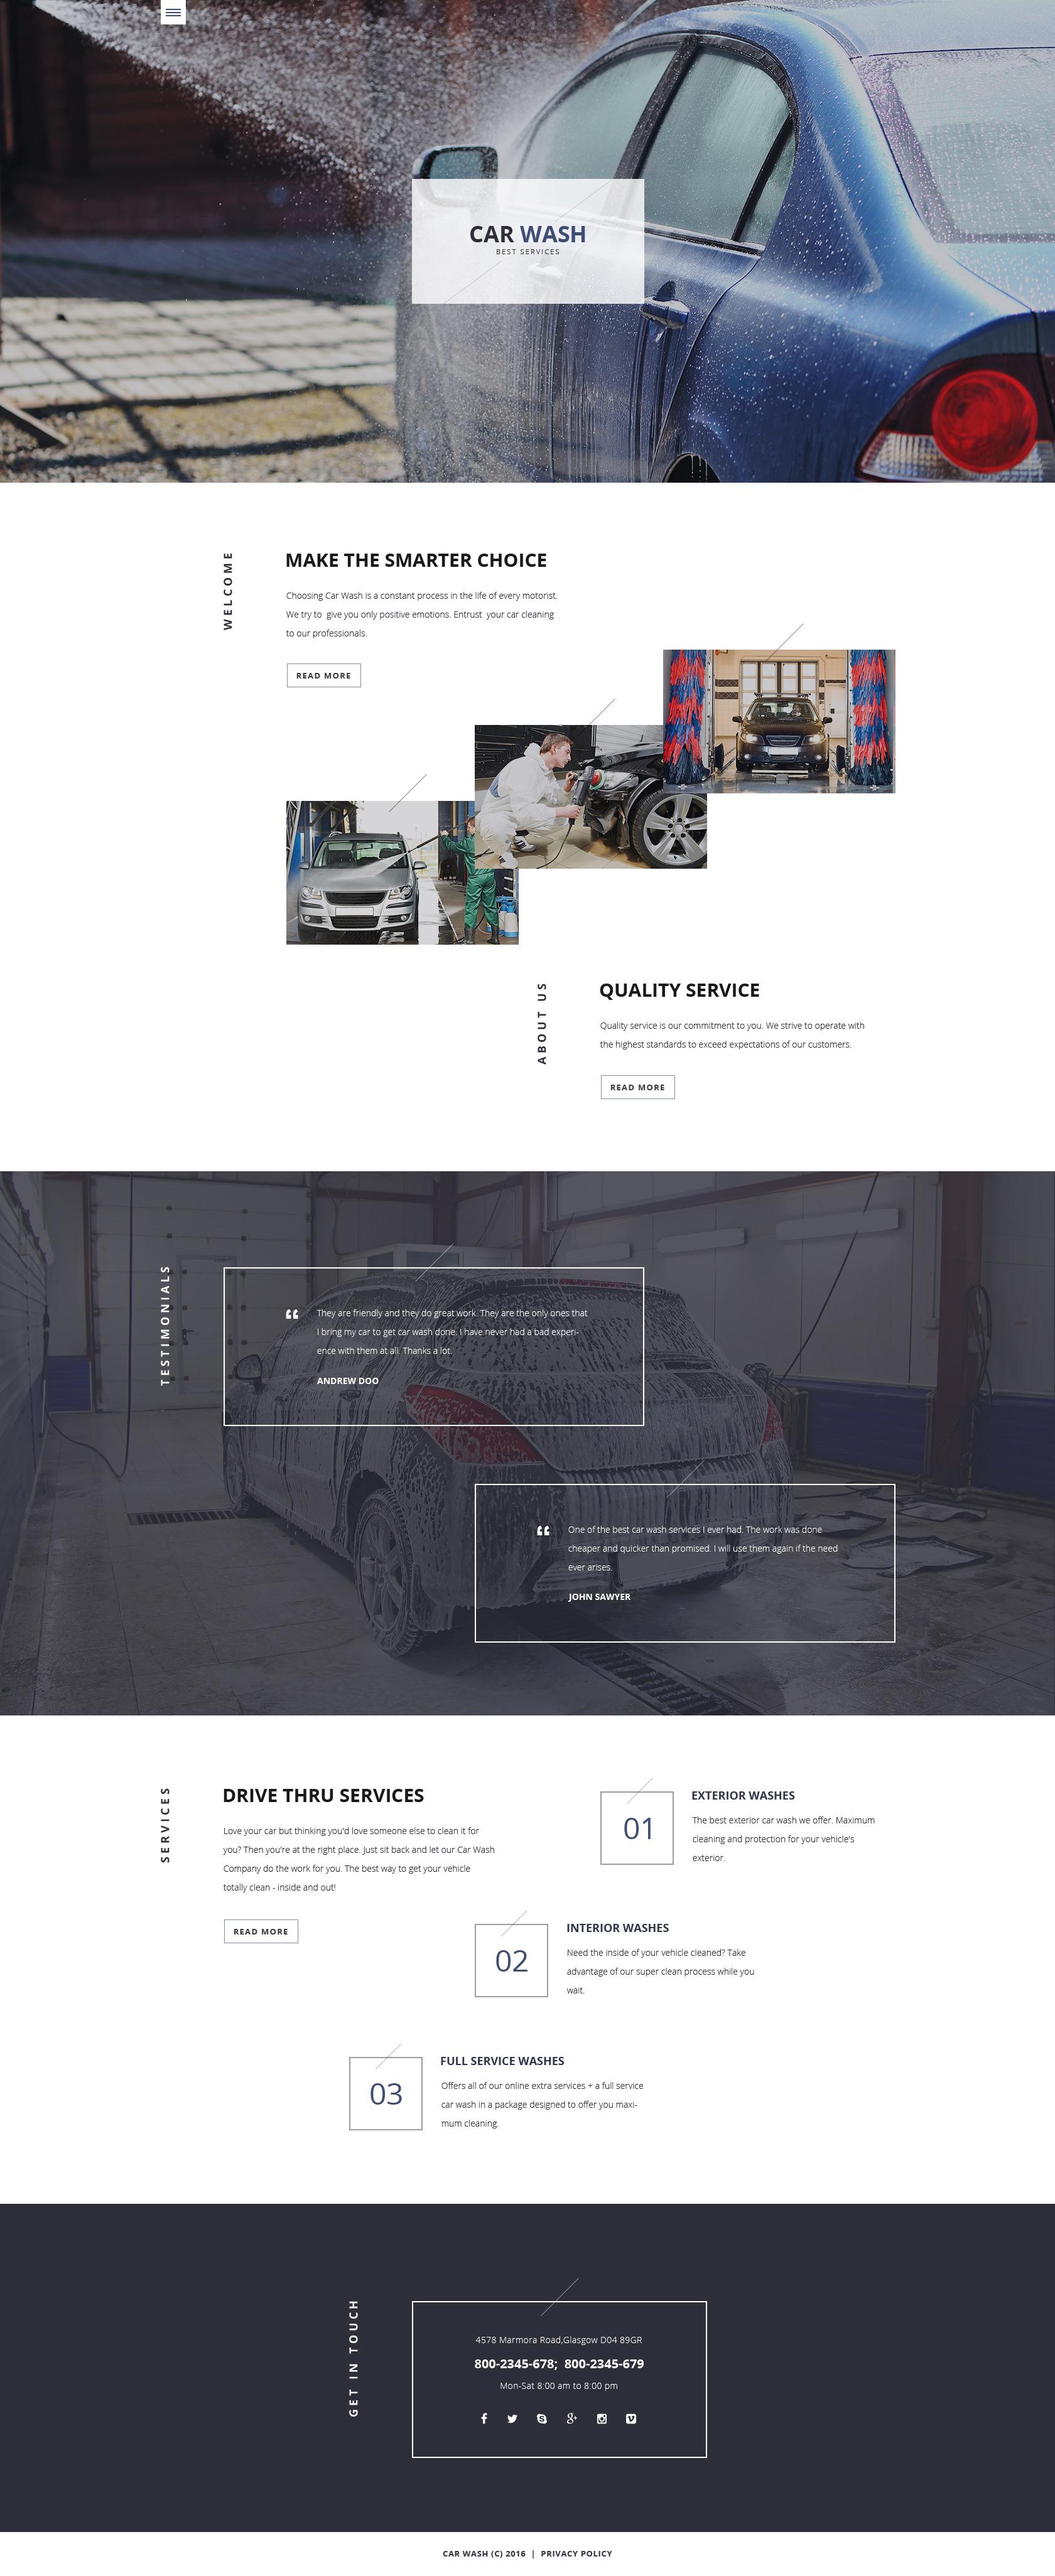 Plantilla Web Responsive para Sitio de Lavado de autos #58118